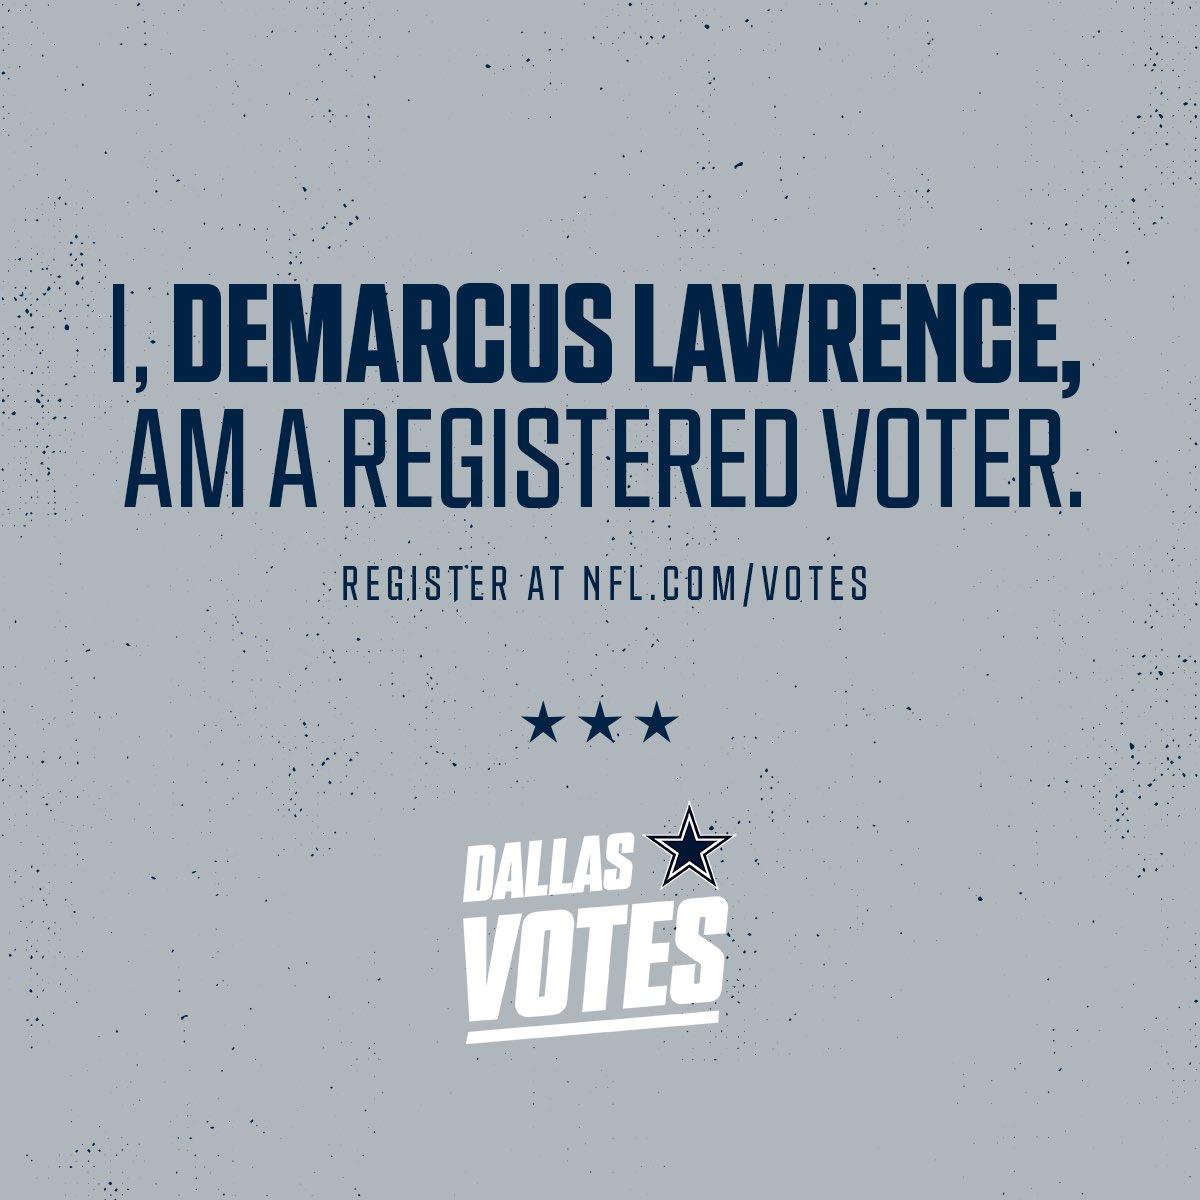 Be part of the change. Register to vote at nfl.com/votes #NFLVotes